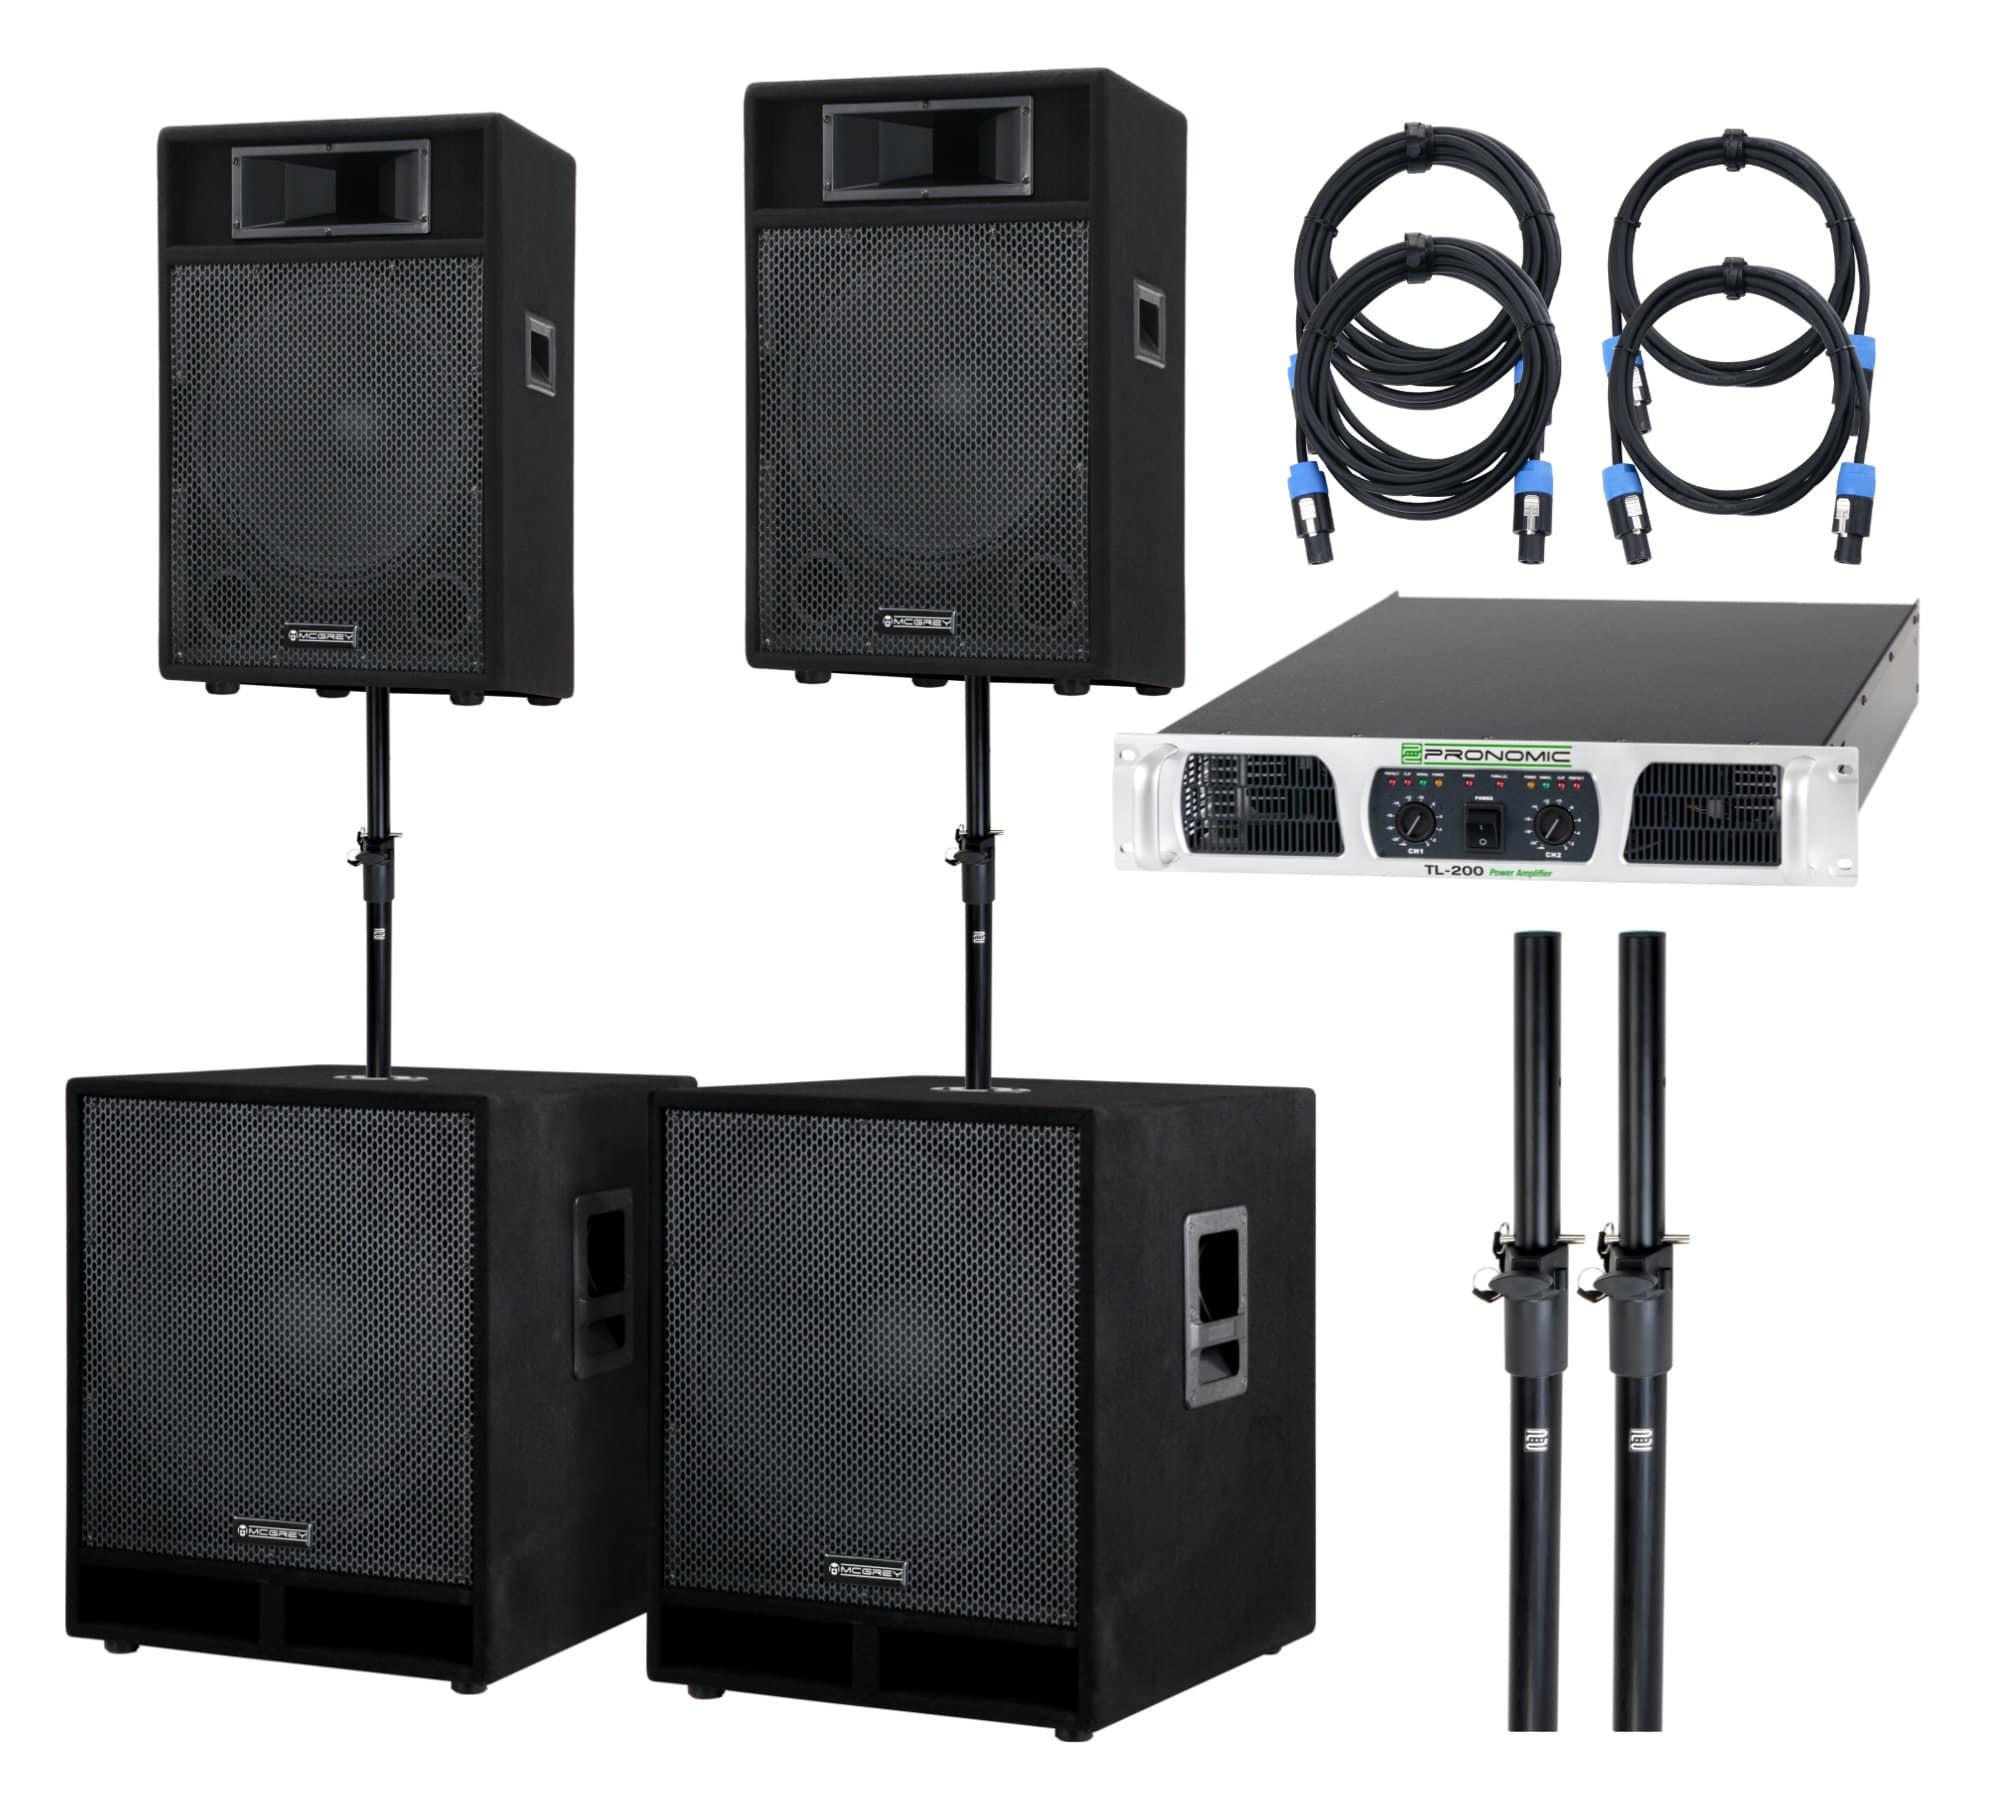 Boxenkomplettanlagen - McGrey Powerstage 4400 PA Anlage 4400 Watt - Onlineshop Musikhaus Kirstein